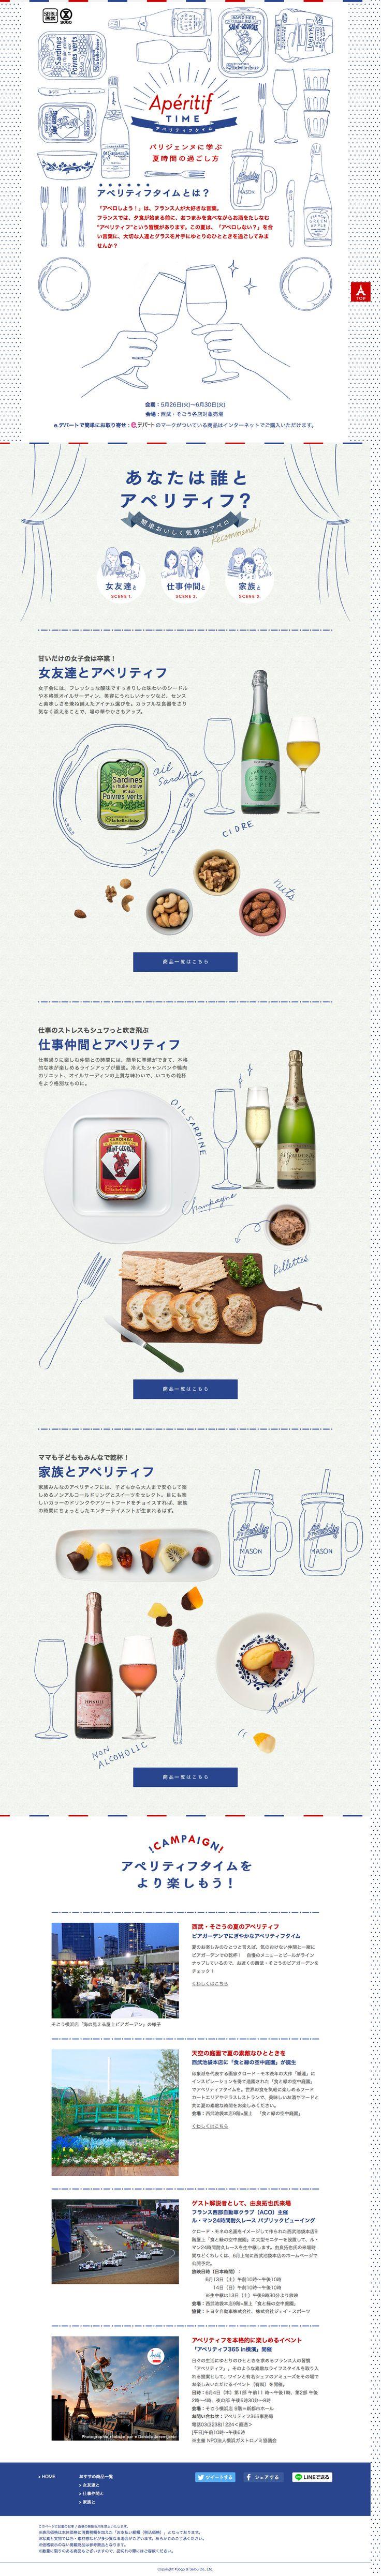 Apéritif TIME / 西武・そごう